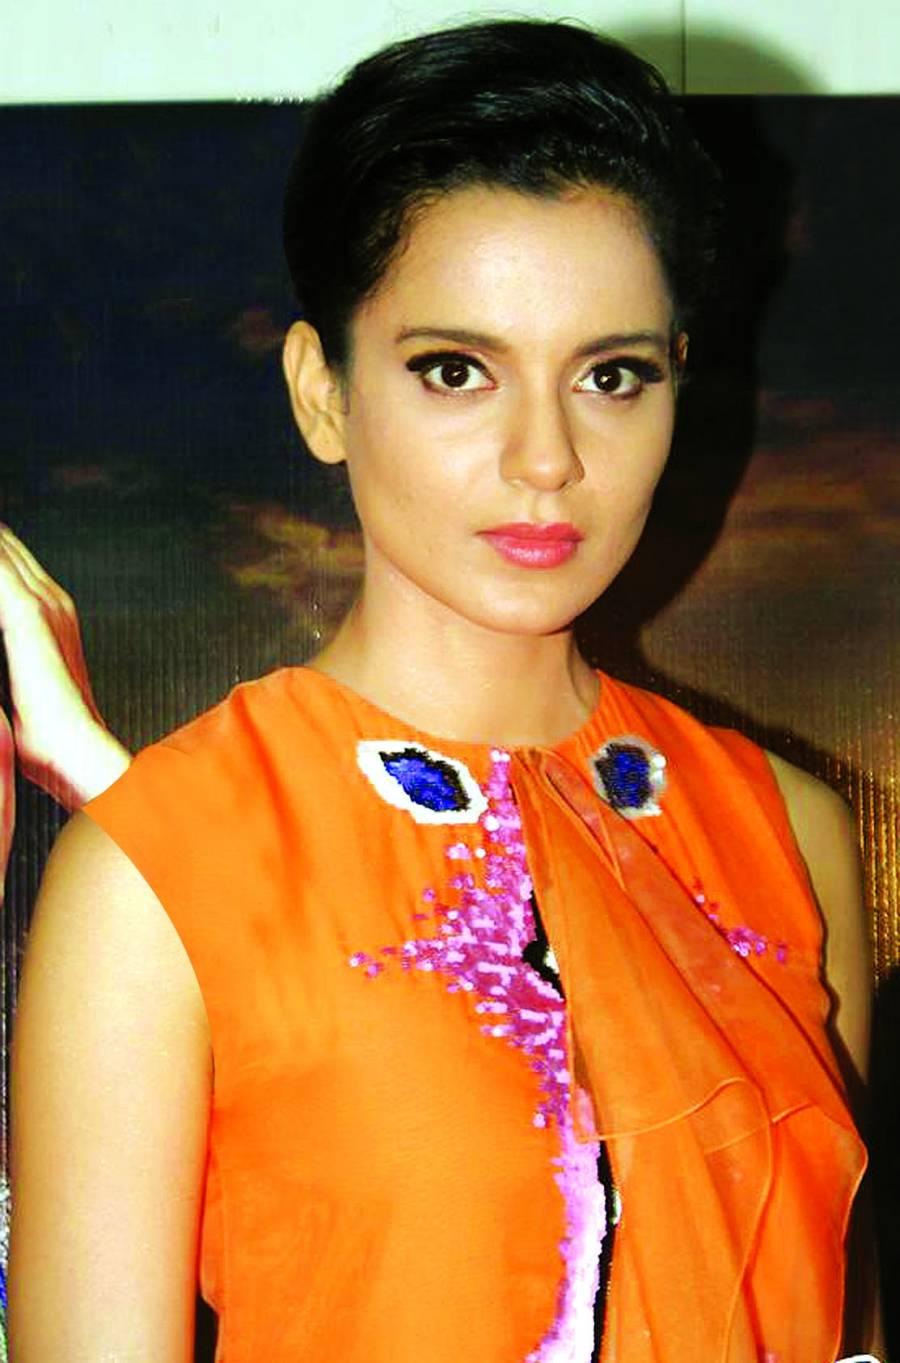 کنگناروت فلم کٹی بٹی میں عمران خان کی ہیروئن بنیں گی